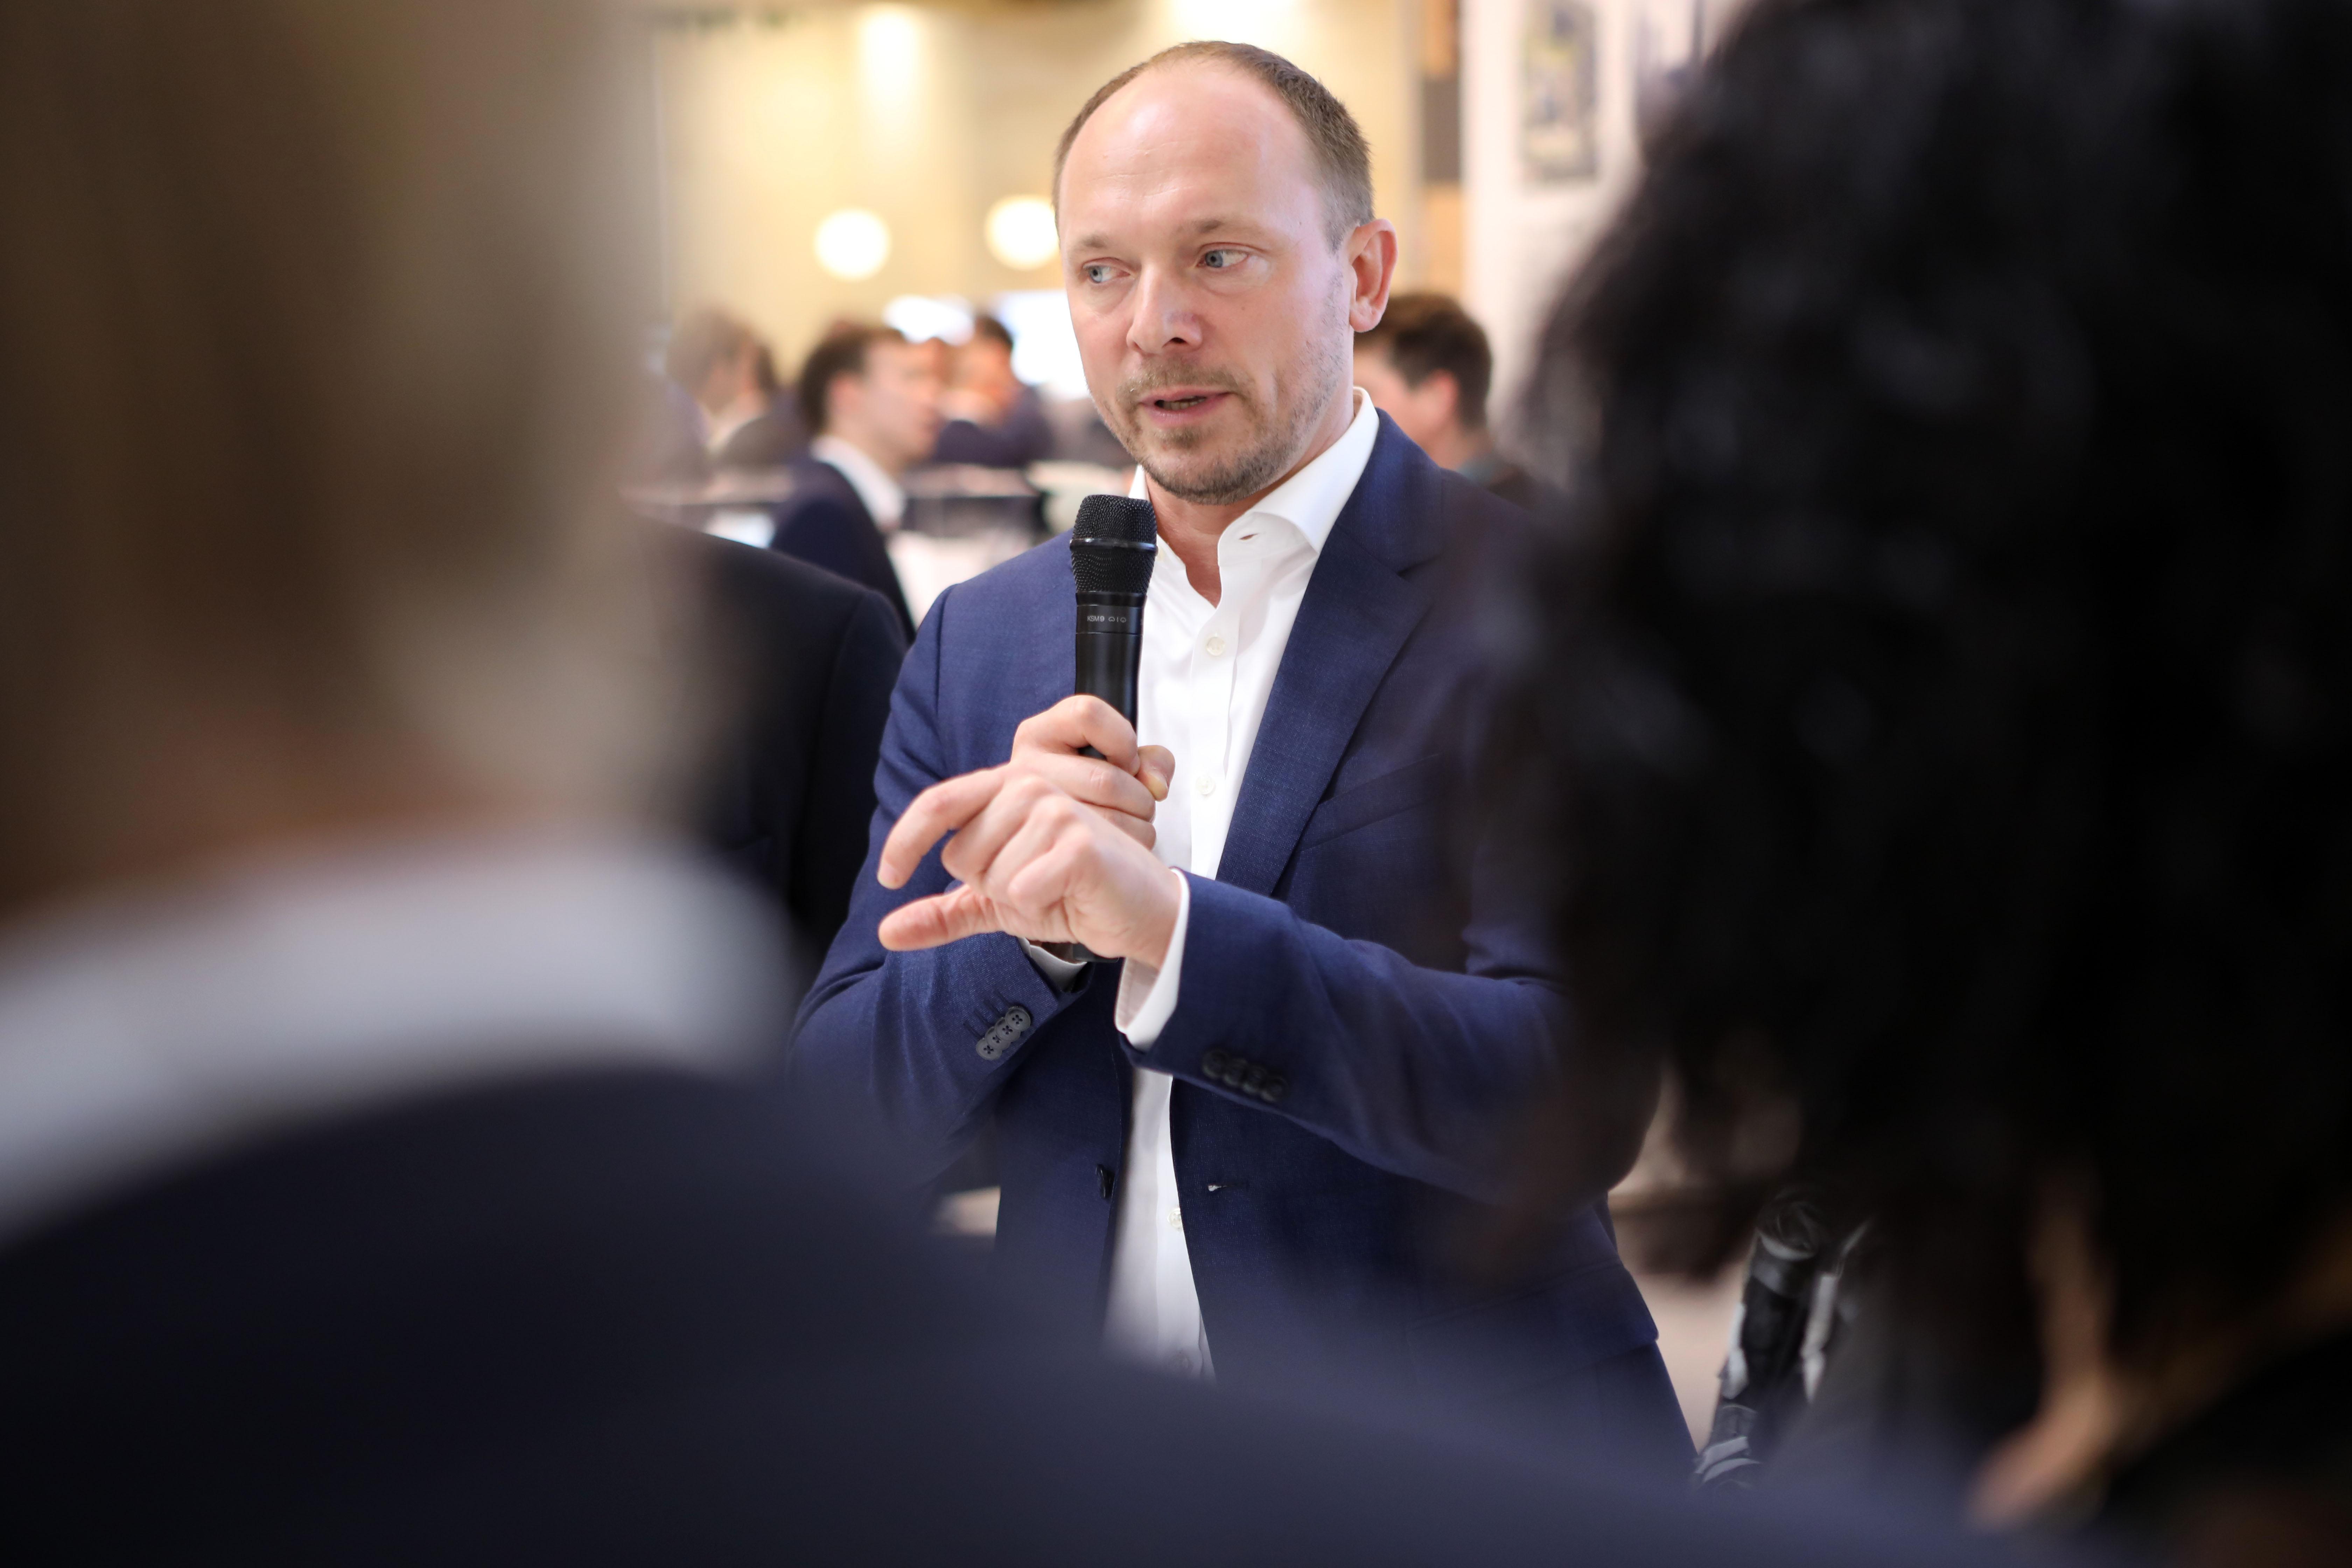 Bundesarchitektenkammer Expo Real 2019 ©Konstantin Gastmann